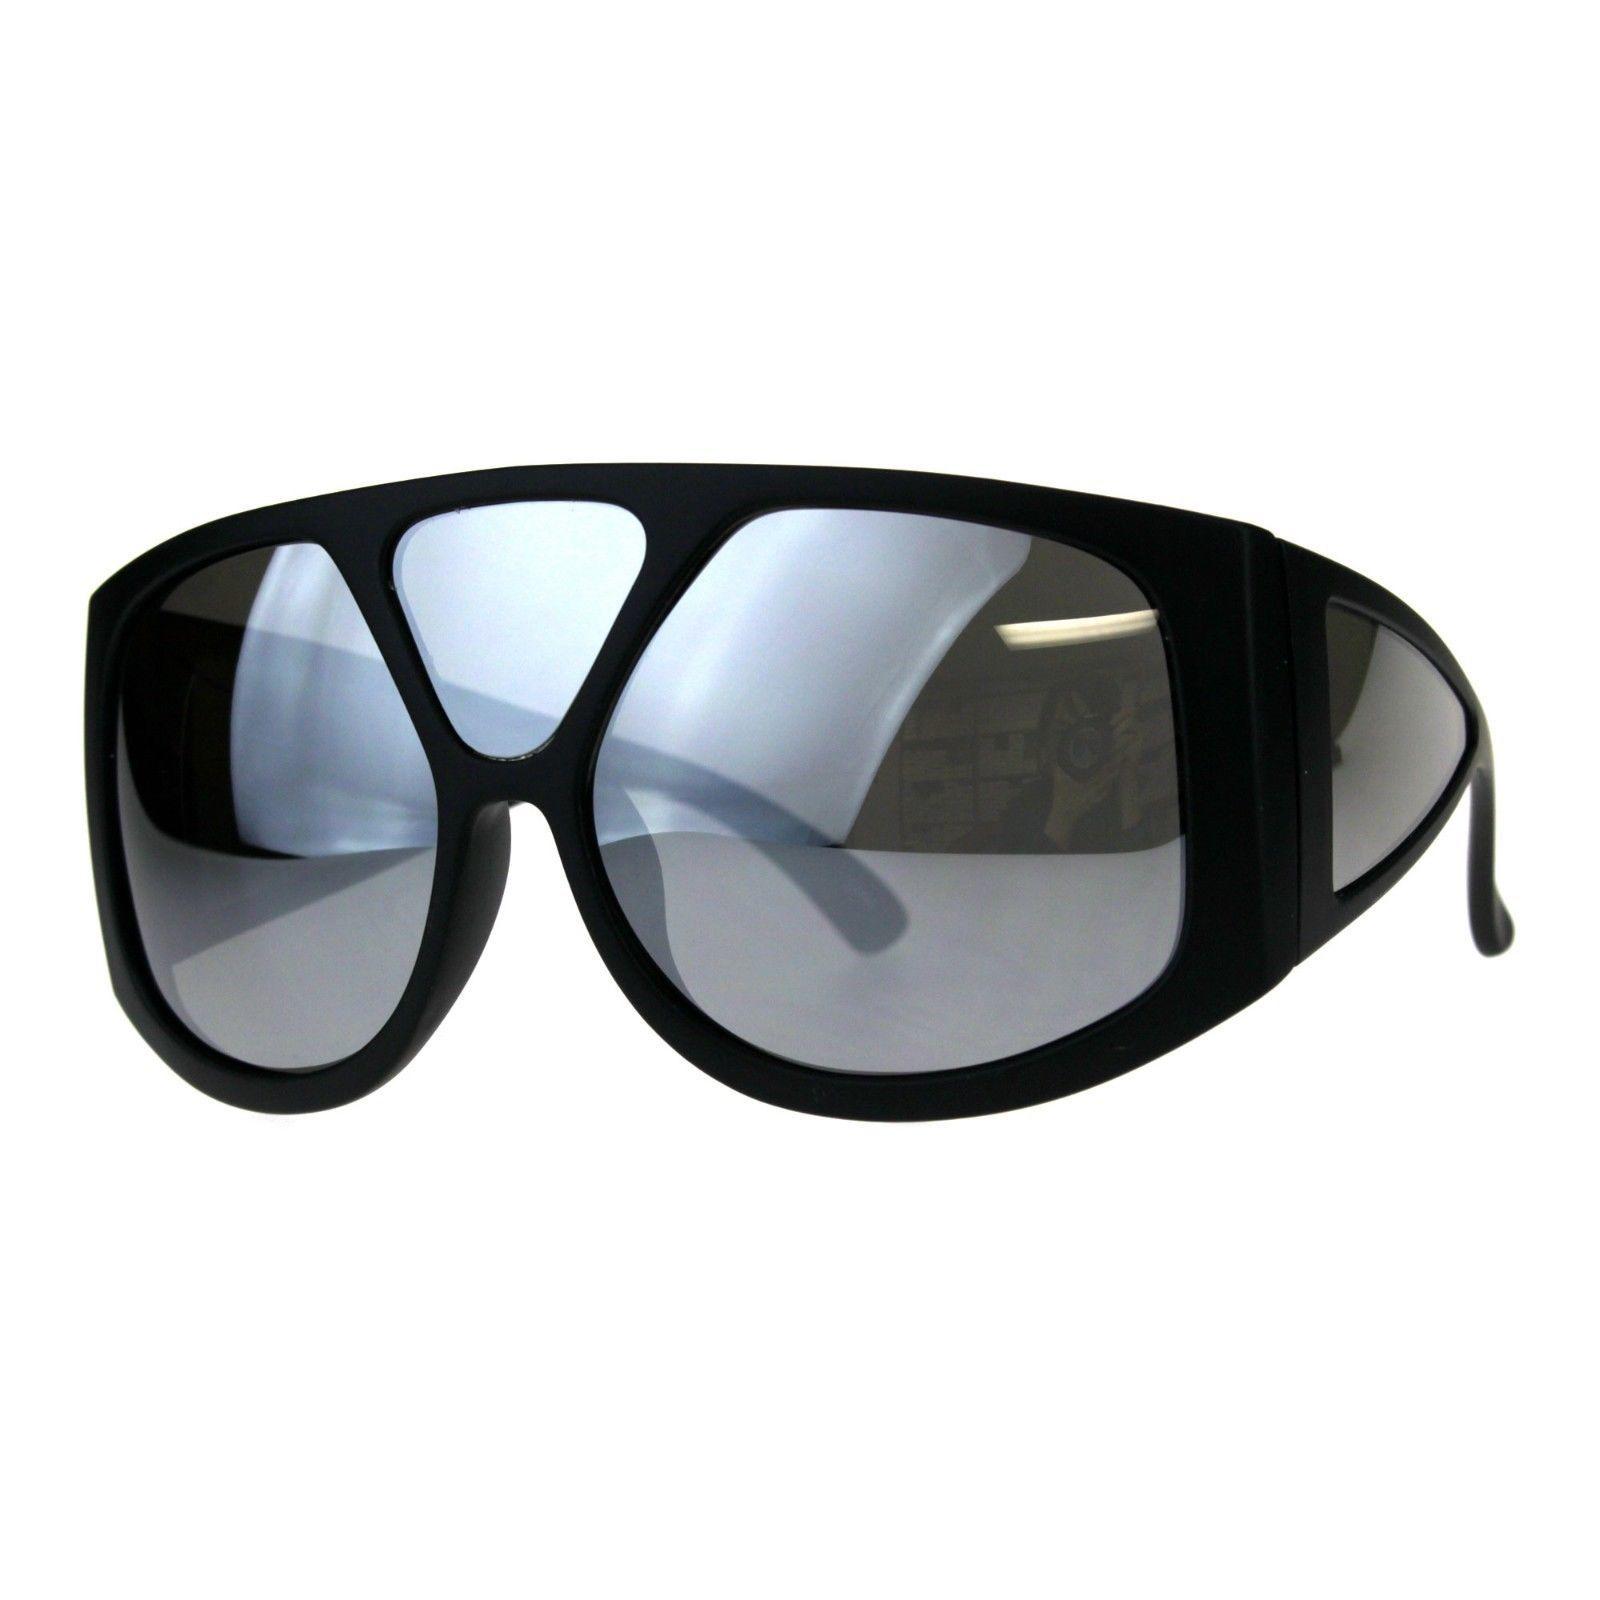 Super Oversized Goggle Sunglasses Multi Mirror Lens Shield Futuristic Shades